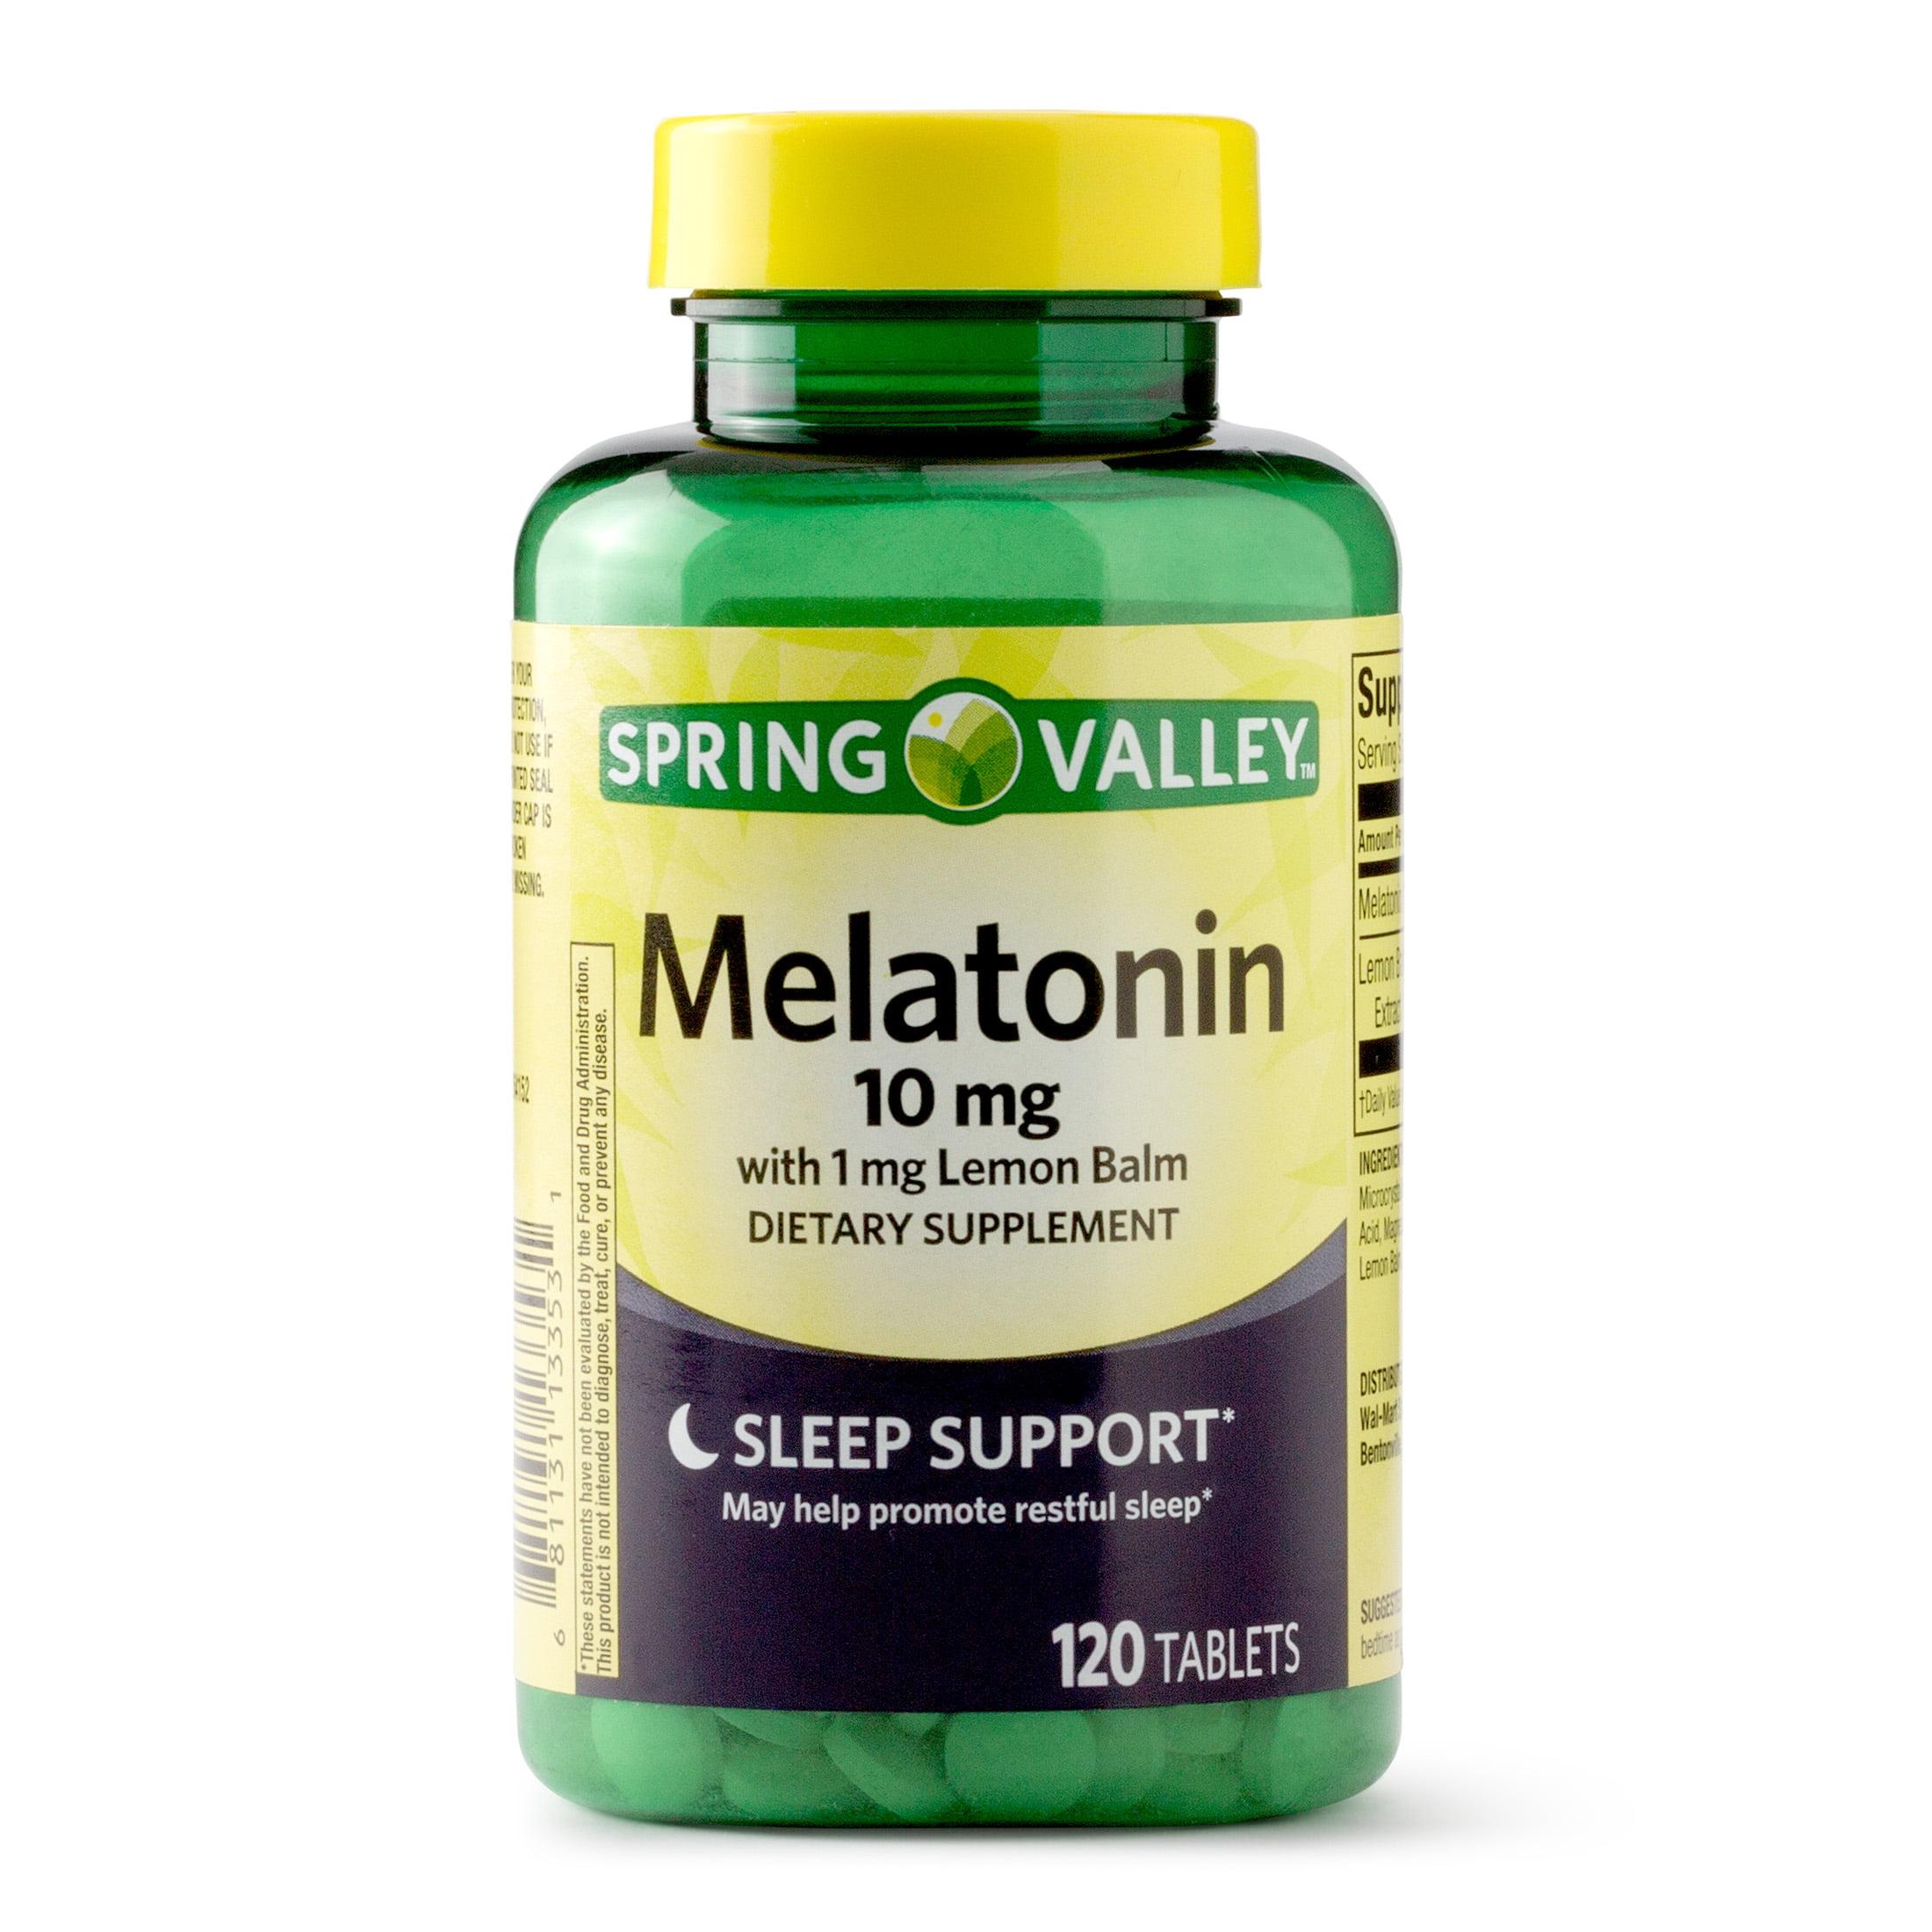 Spring Valley Melatonin Tablets, 10 mg, 120 Ct